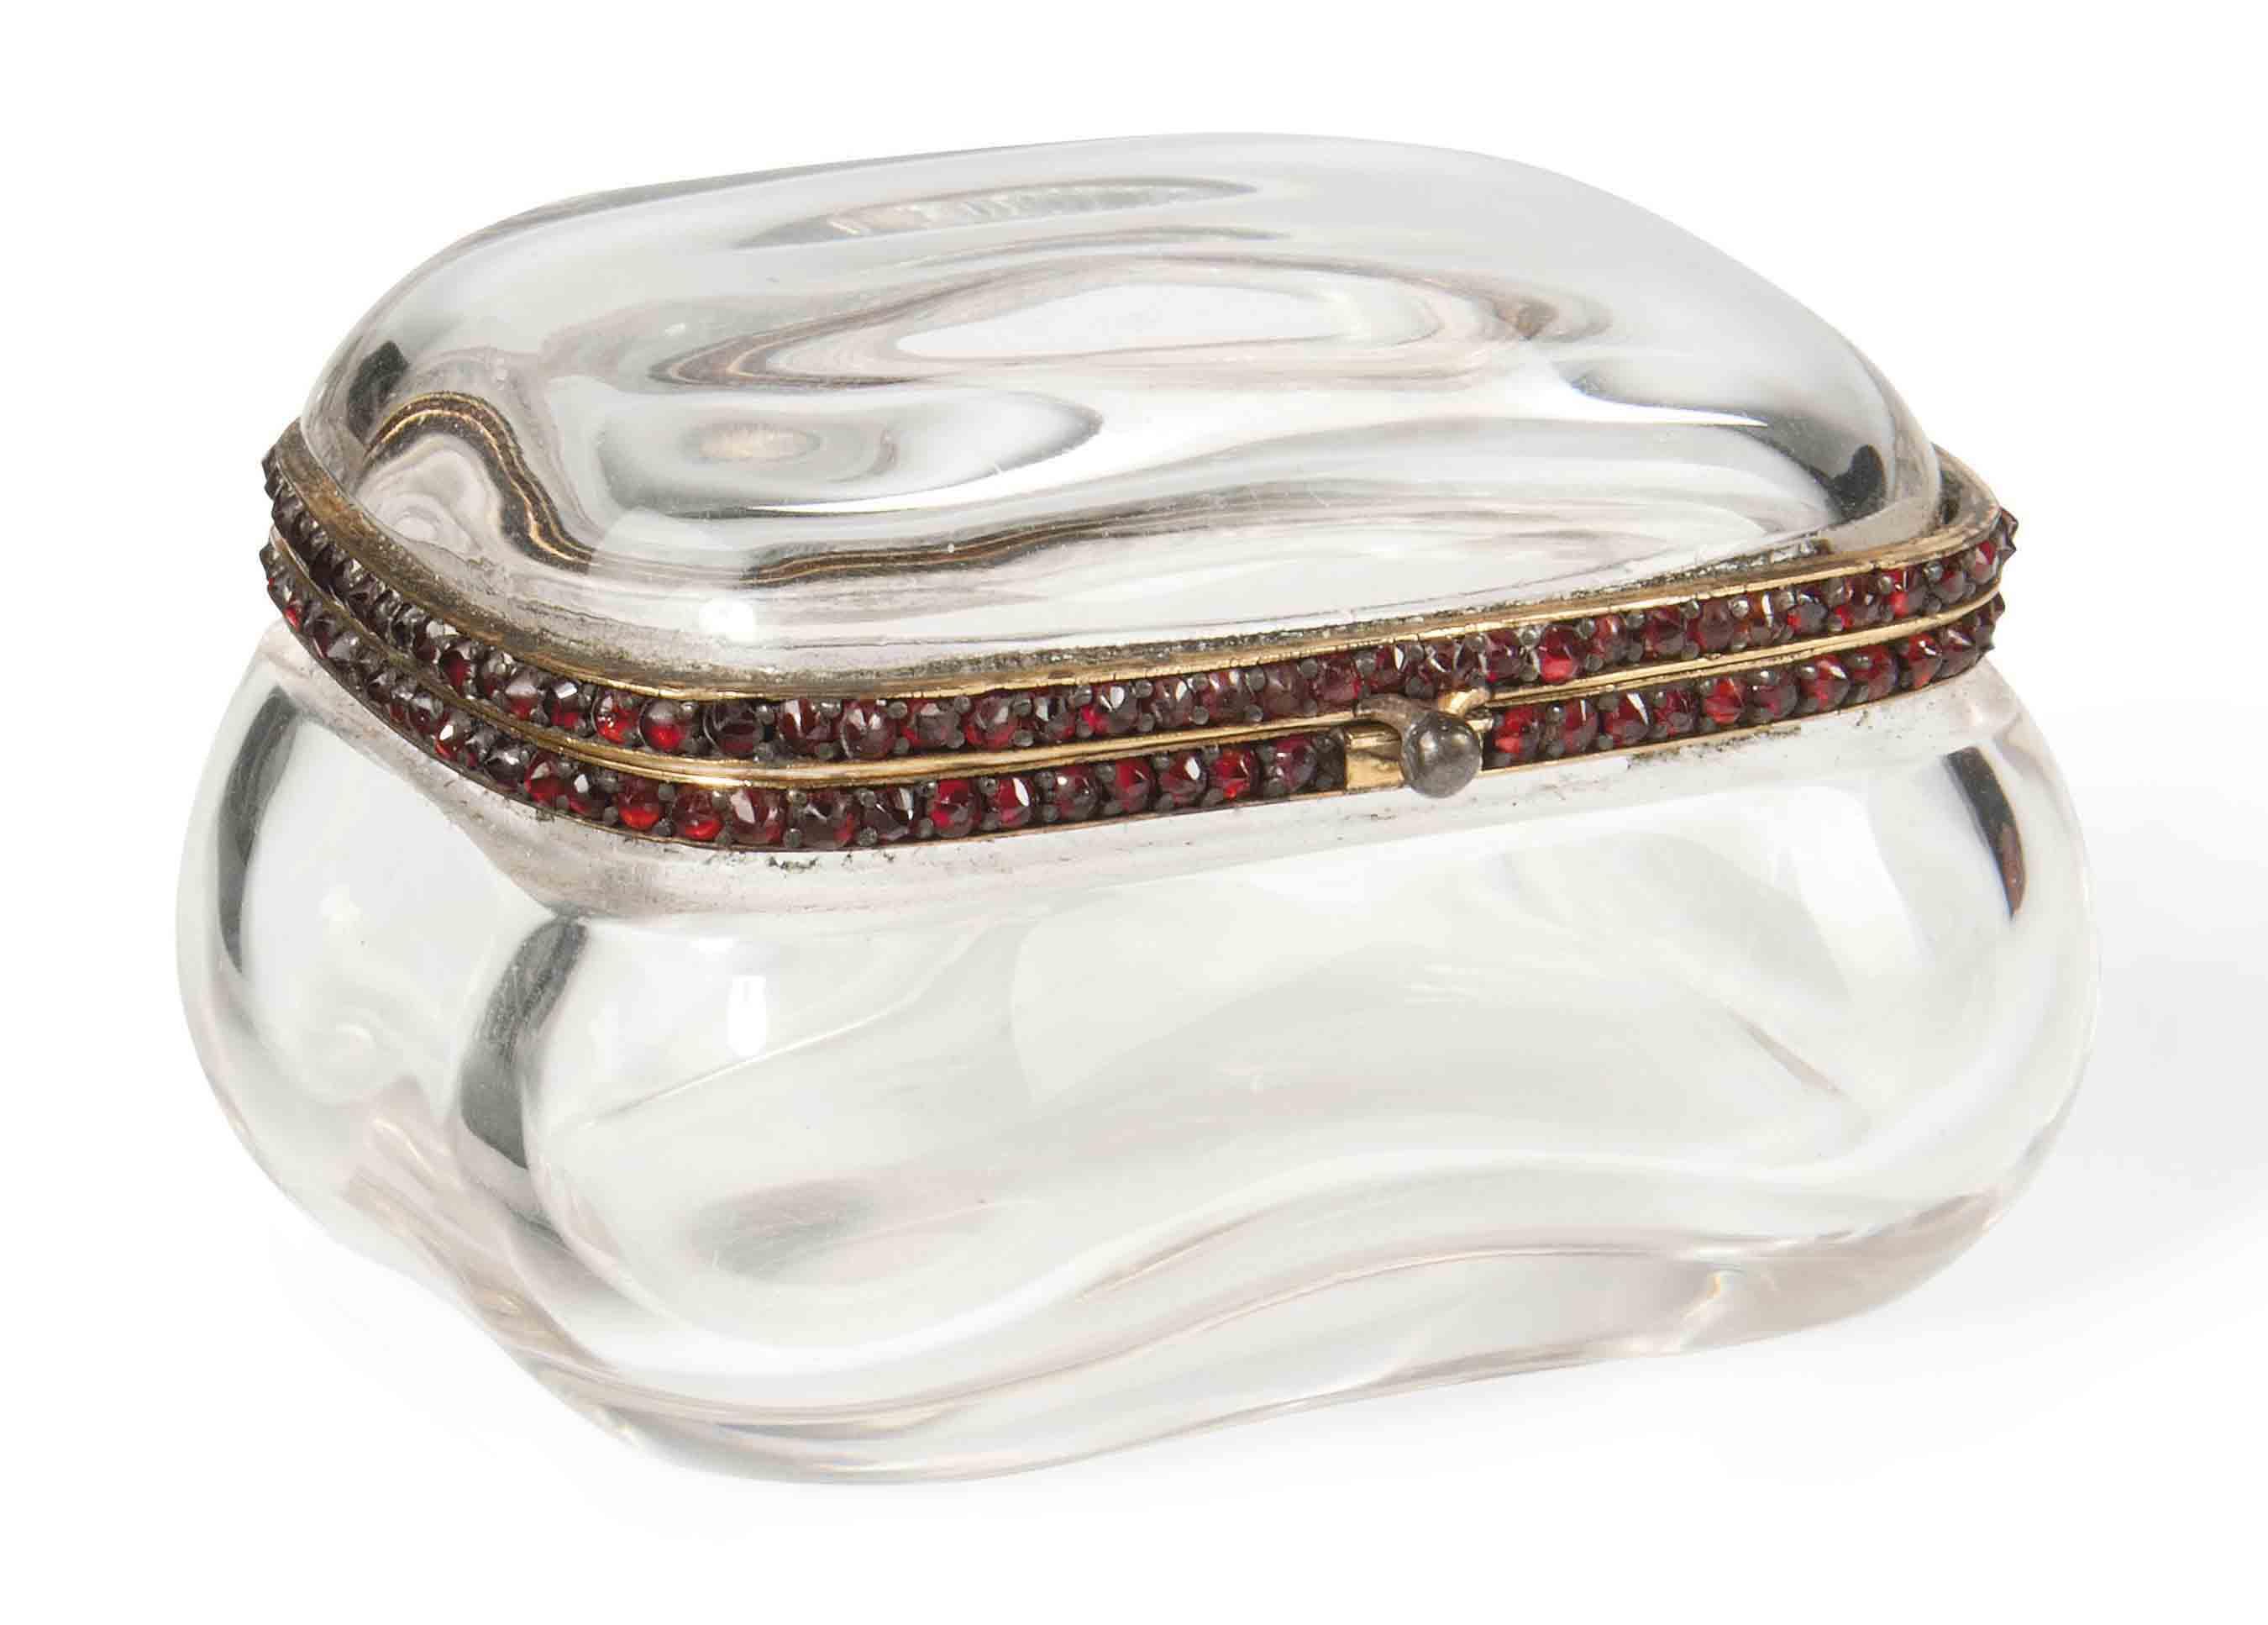 A GILT-METAL MOUNTED GLASS AND